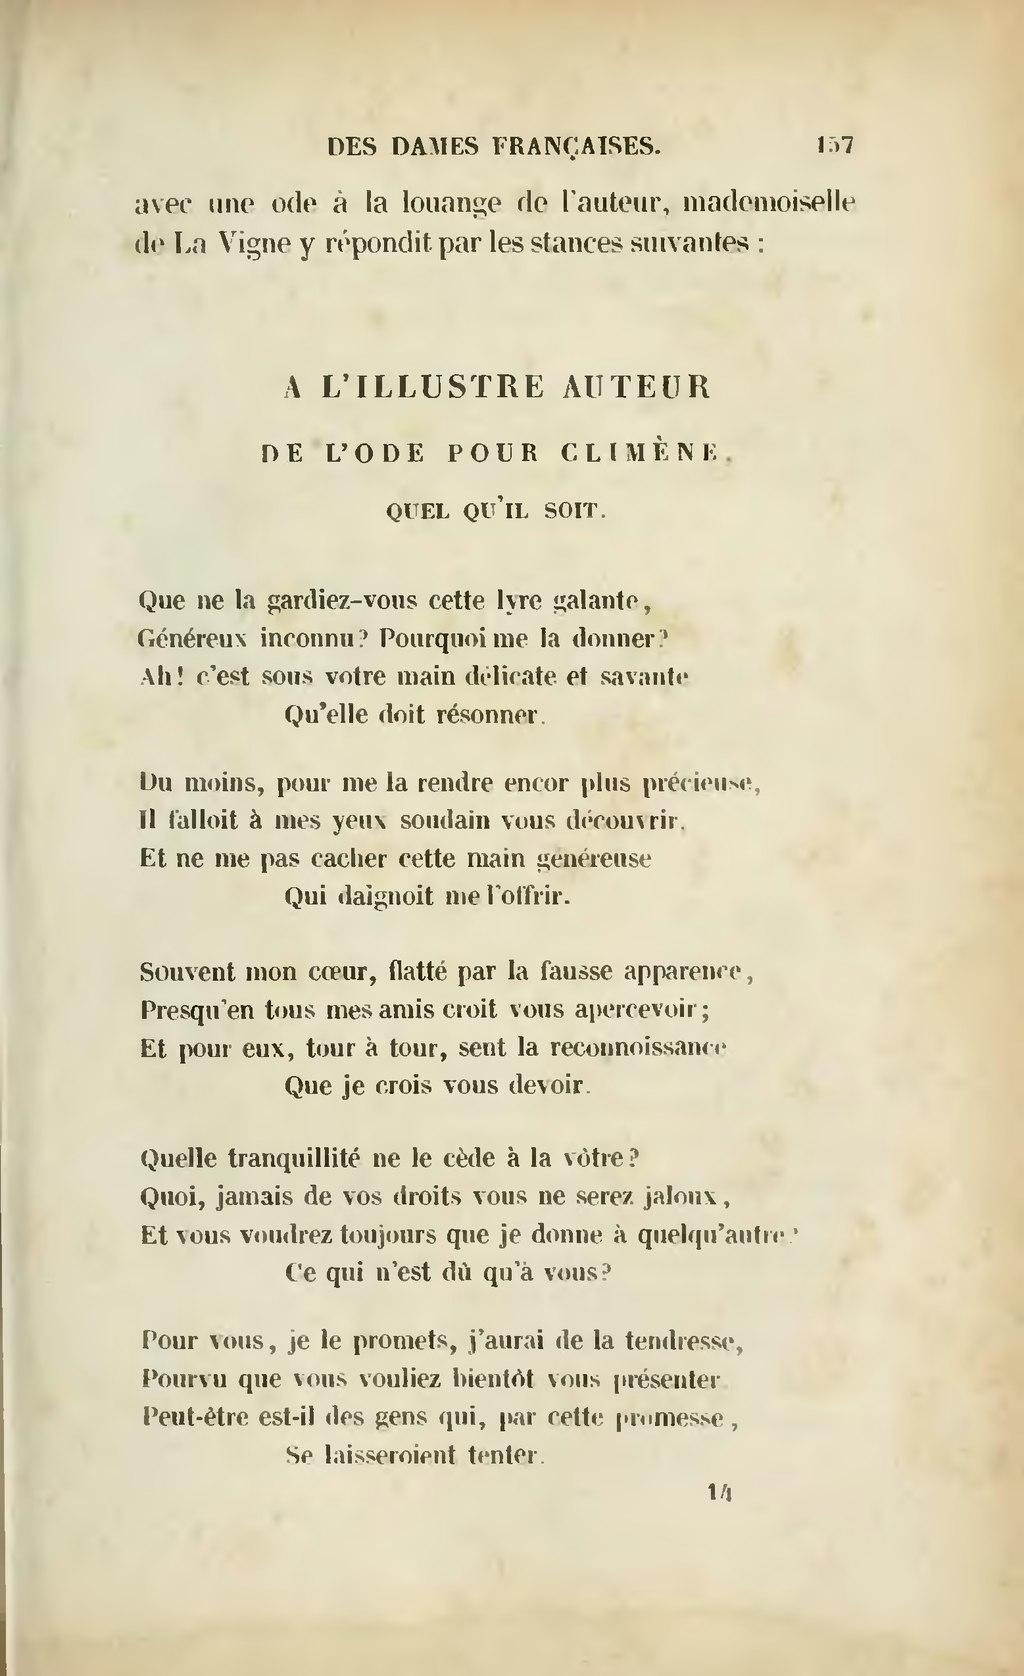 Quel Qu'il Soit Ou Quelqu'il Soit : qu'il, quelqu'il, Page:Busoni, Chefs-d'œuvre, Poétiques, Dames, Françaises,, 1841.djvu/185, Wikisource